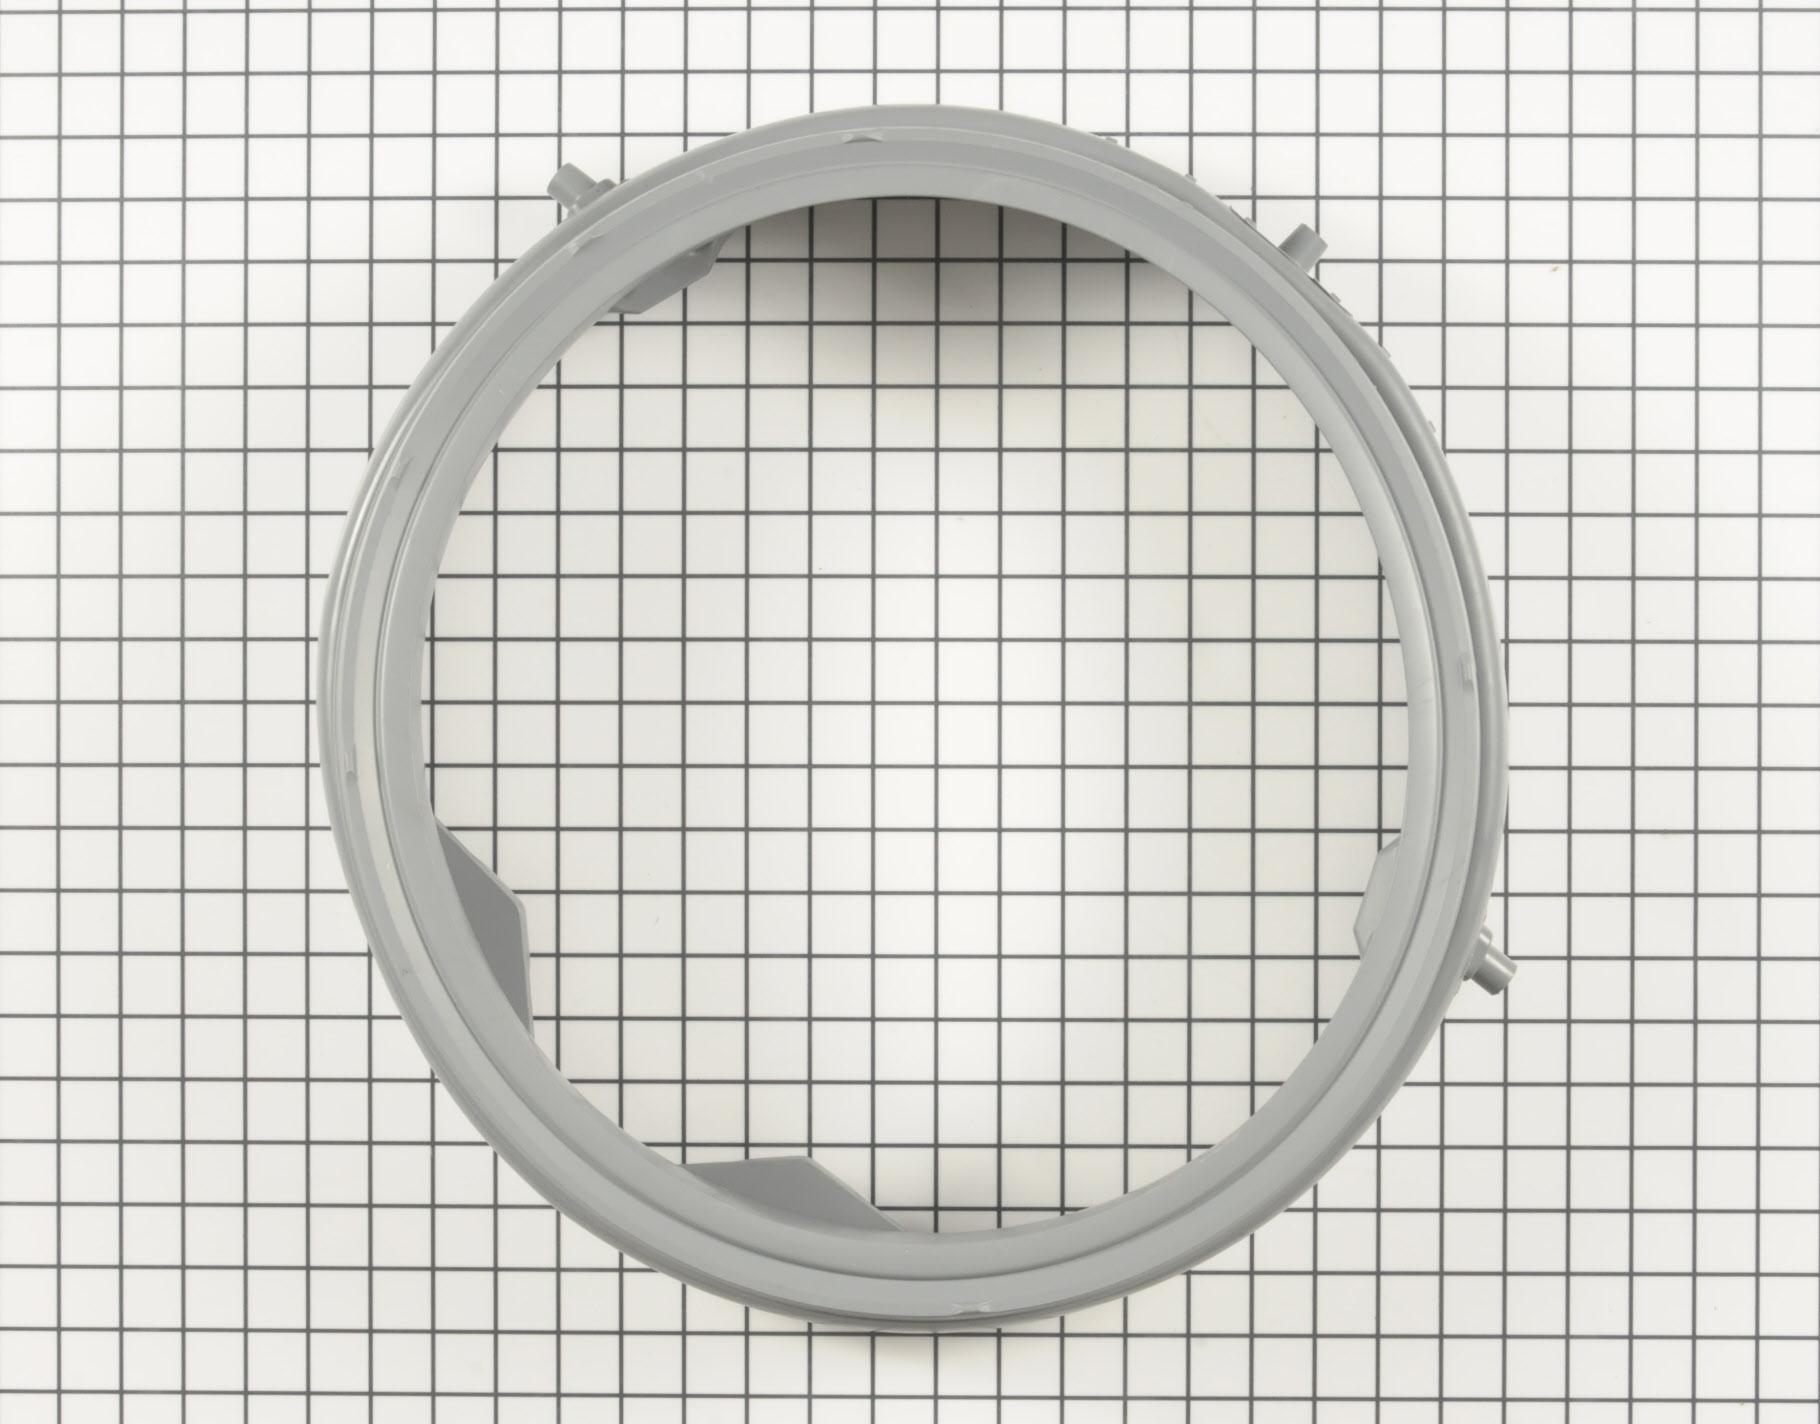 LG Washing Machine Part # 4986ER0004L - Door Boot Seal